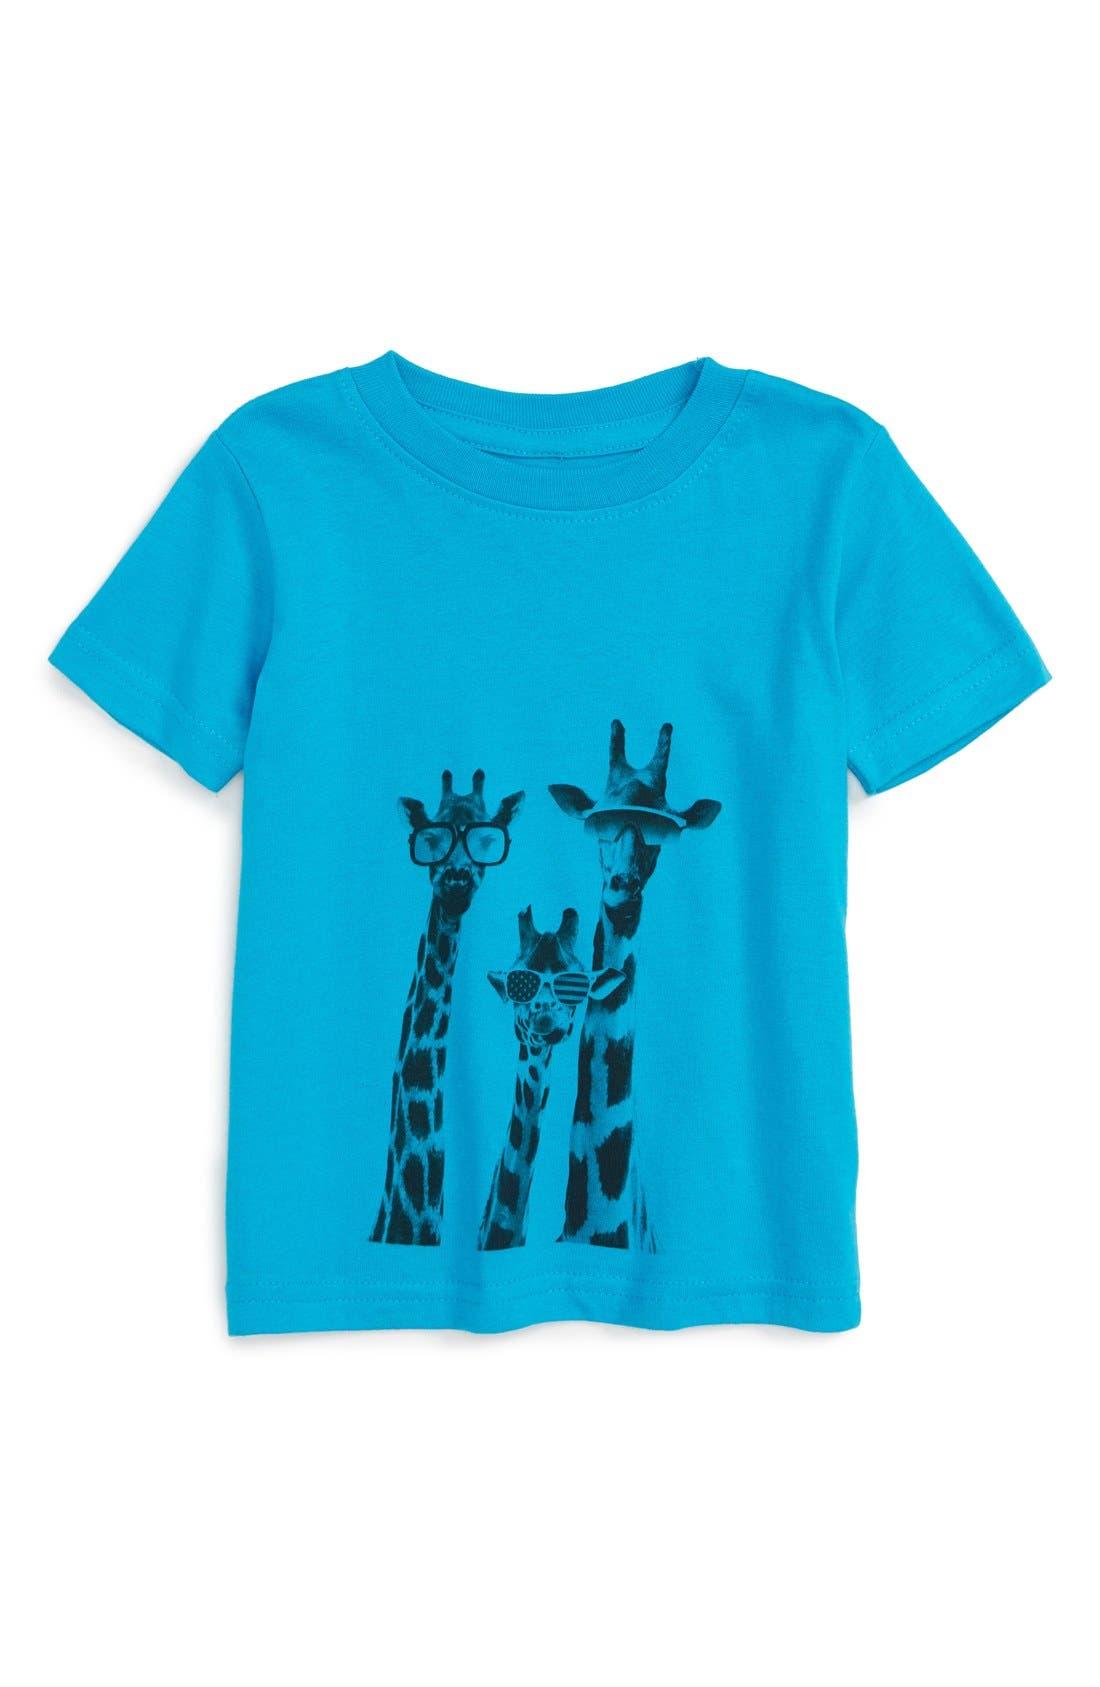 KID DANGEROUS 'Giraffes' T-Shirt